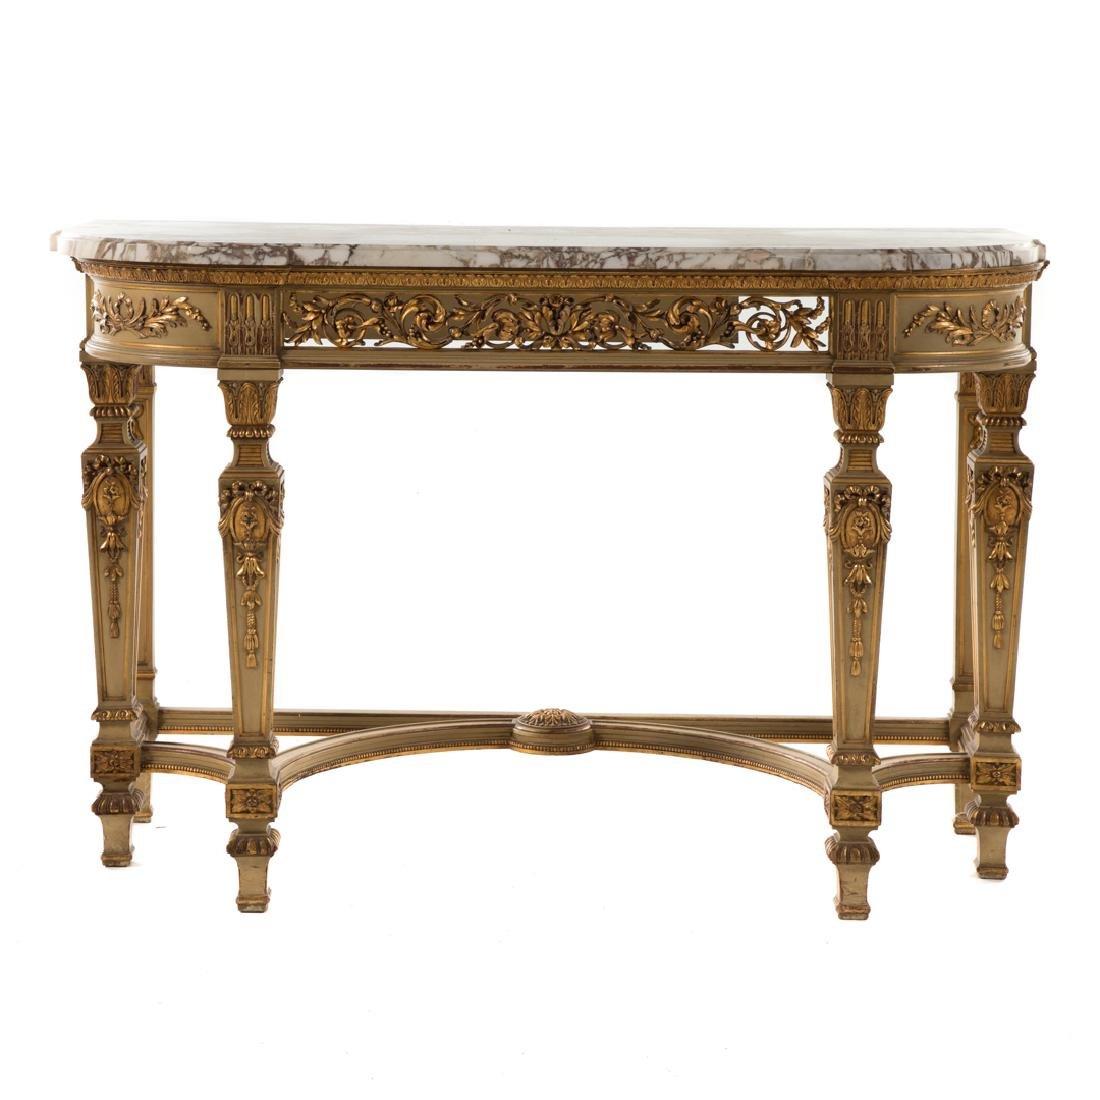 Louis XIV style painted parcel-gilt console table - 2